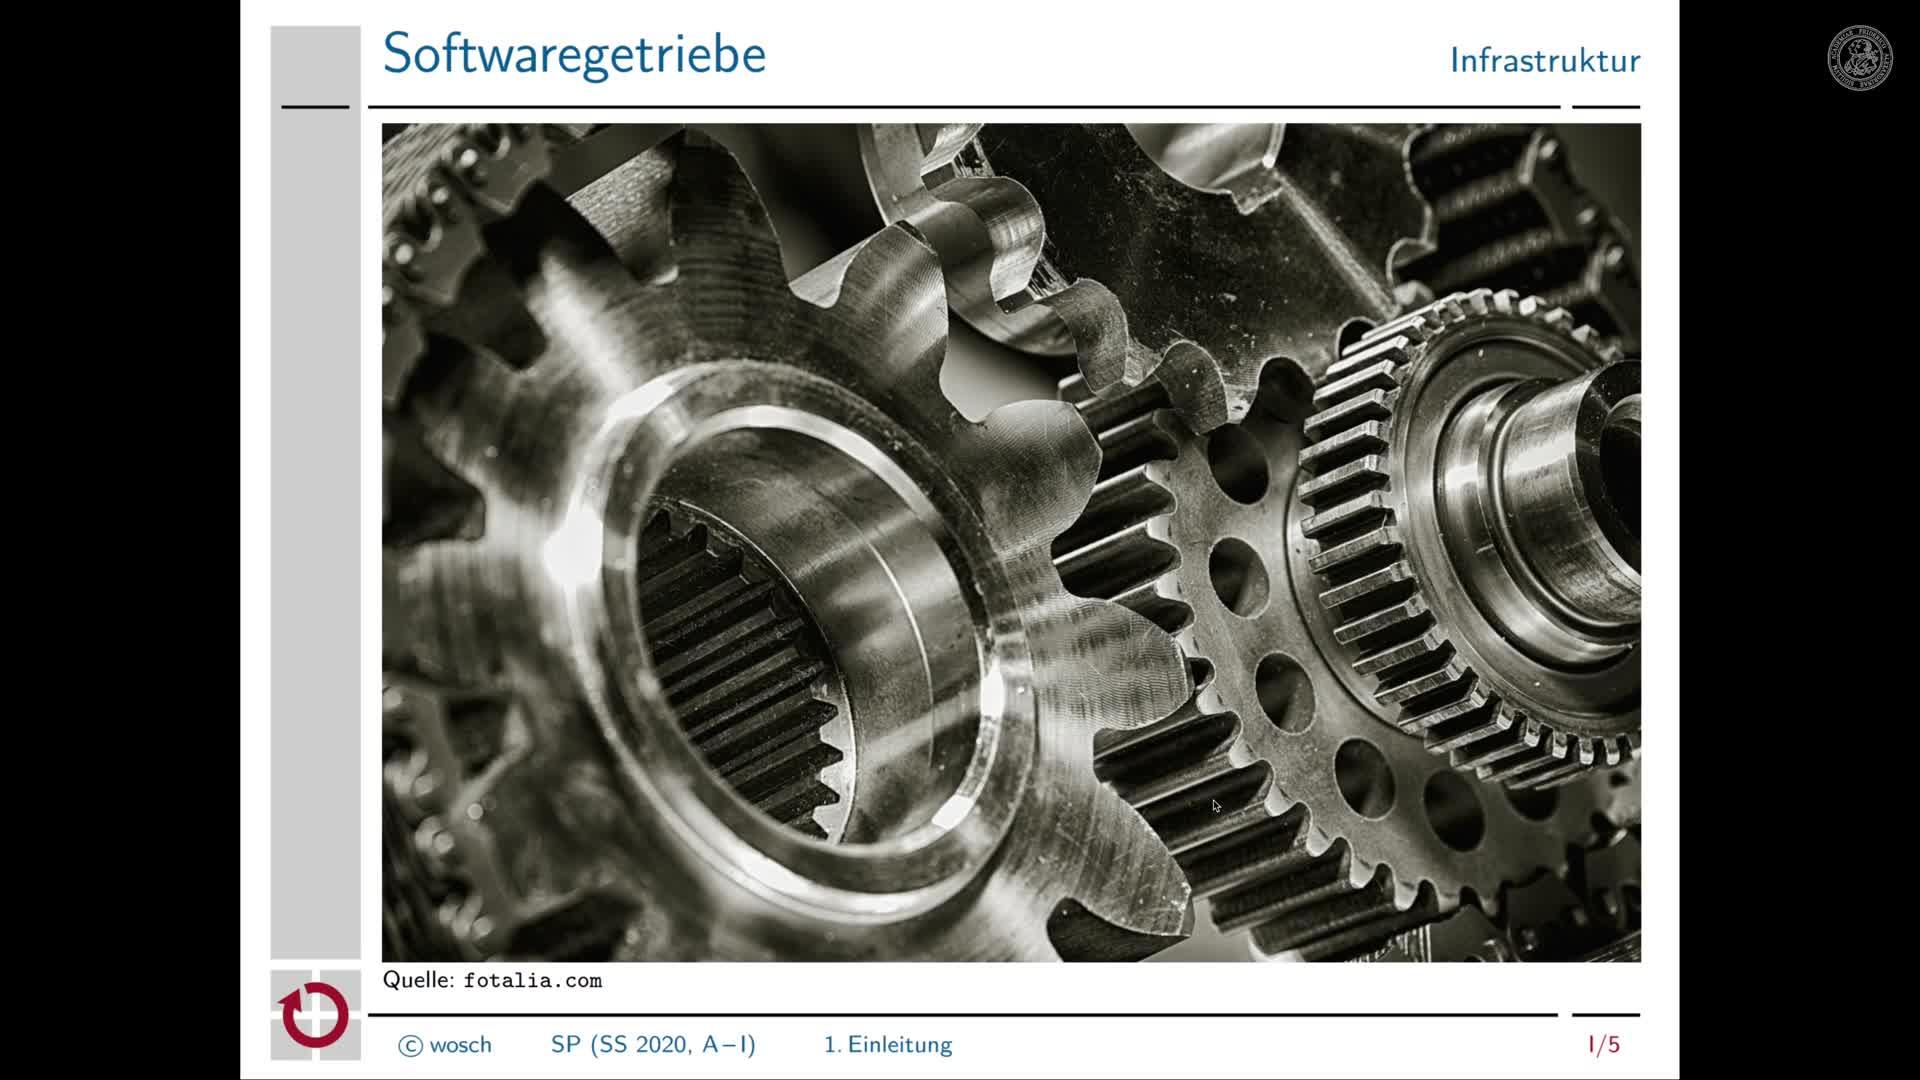 1.2 Organisation: Einleitung preview image